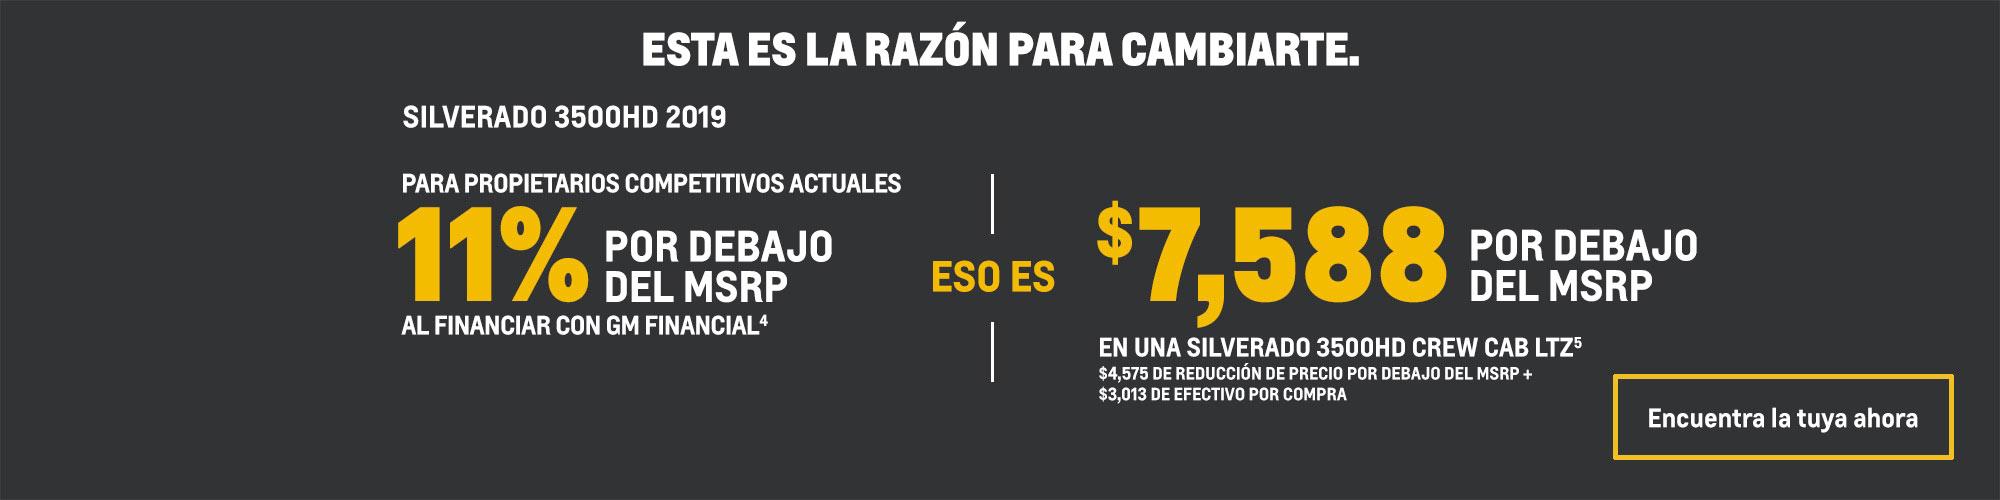 Chevrolet Silverado 3500HD 2019: 11% por debajo del MSRP